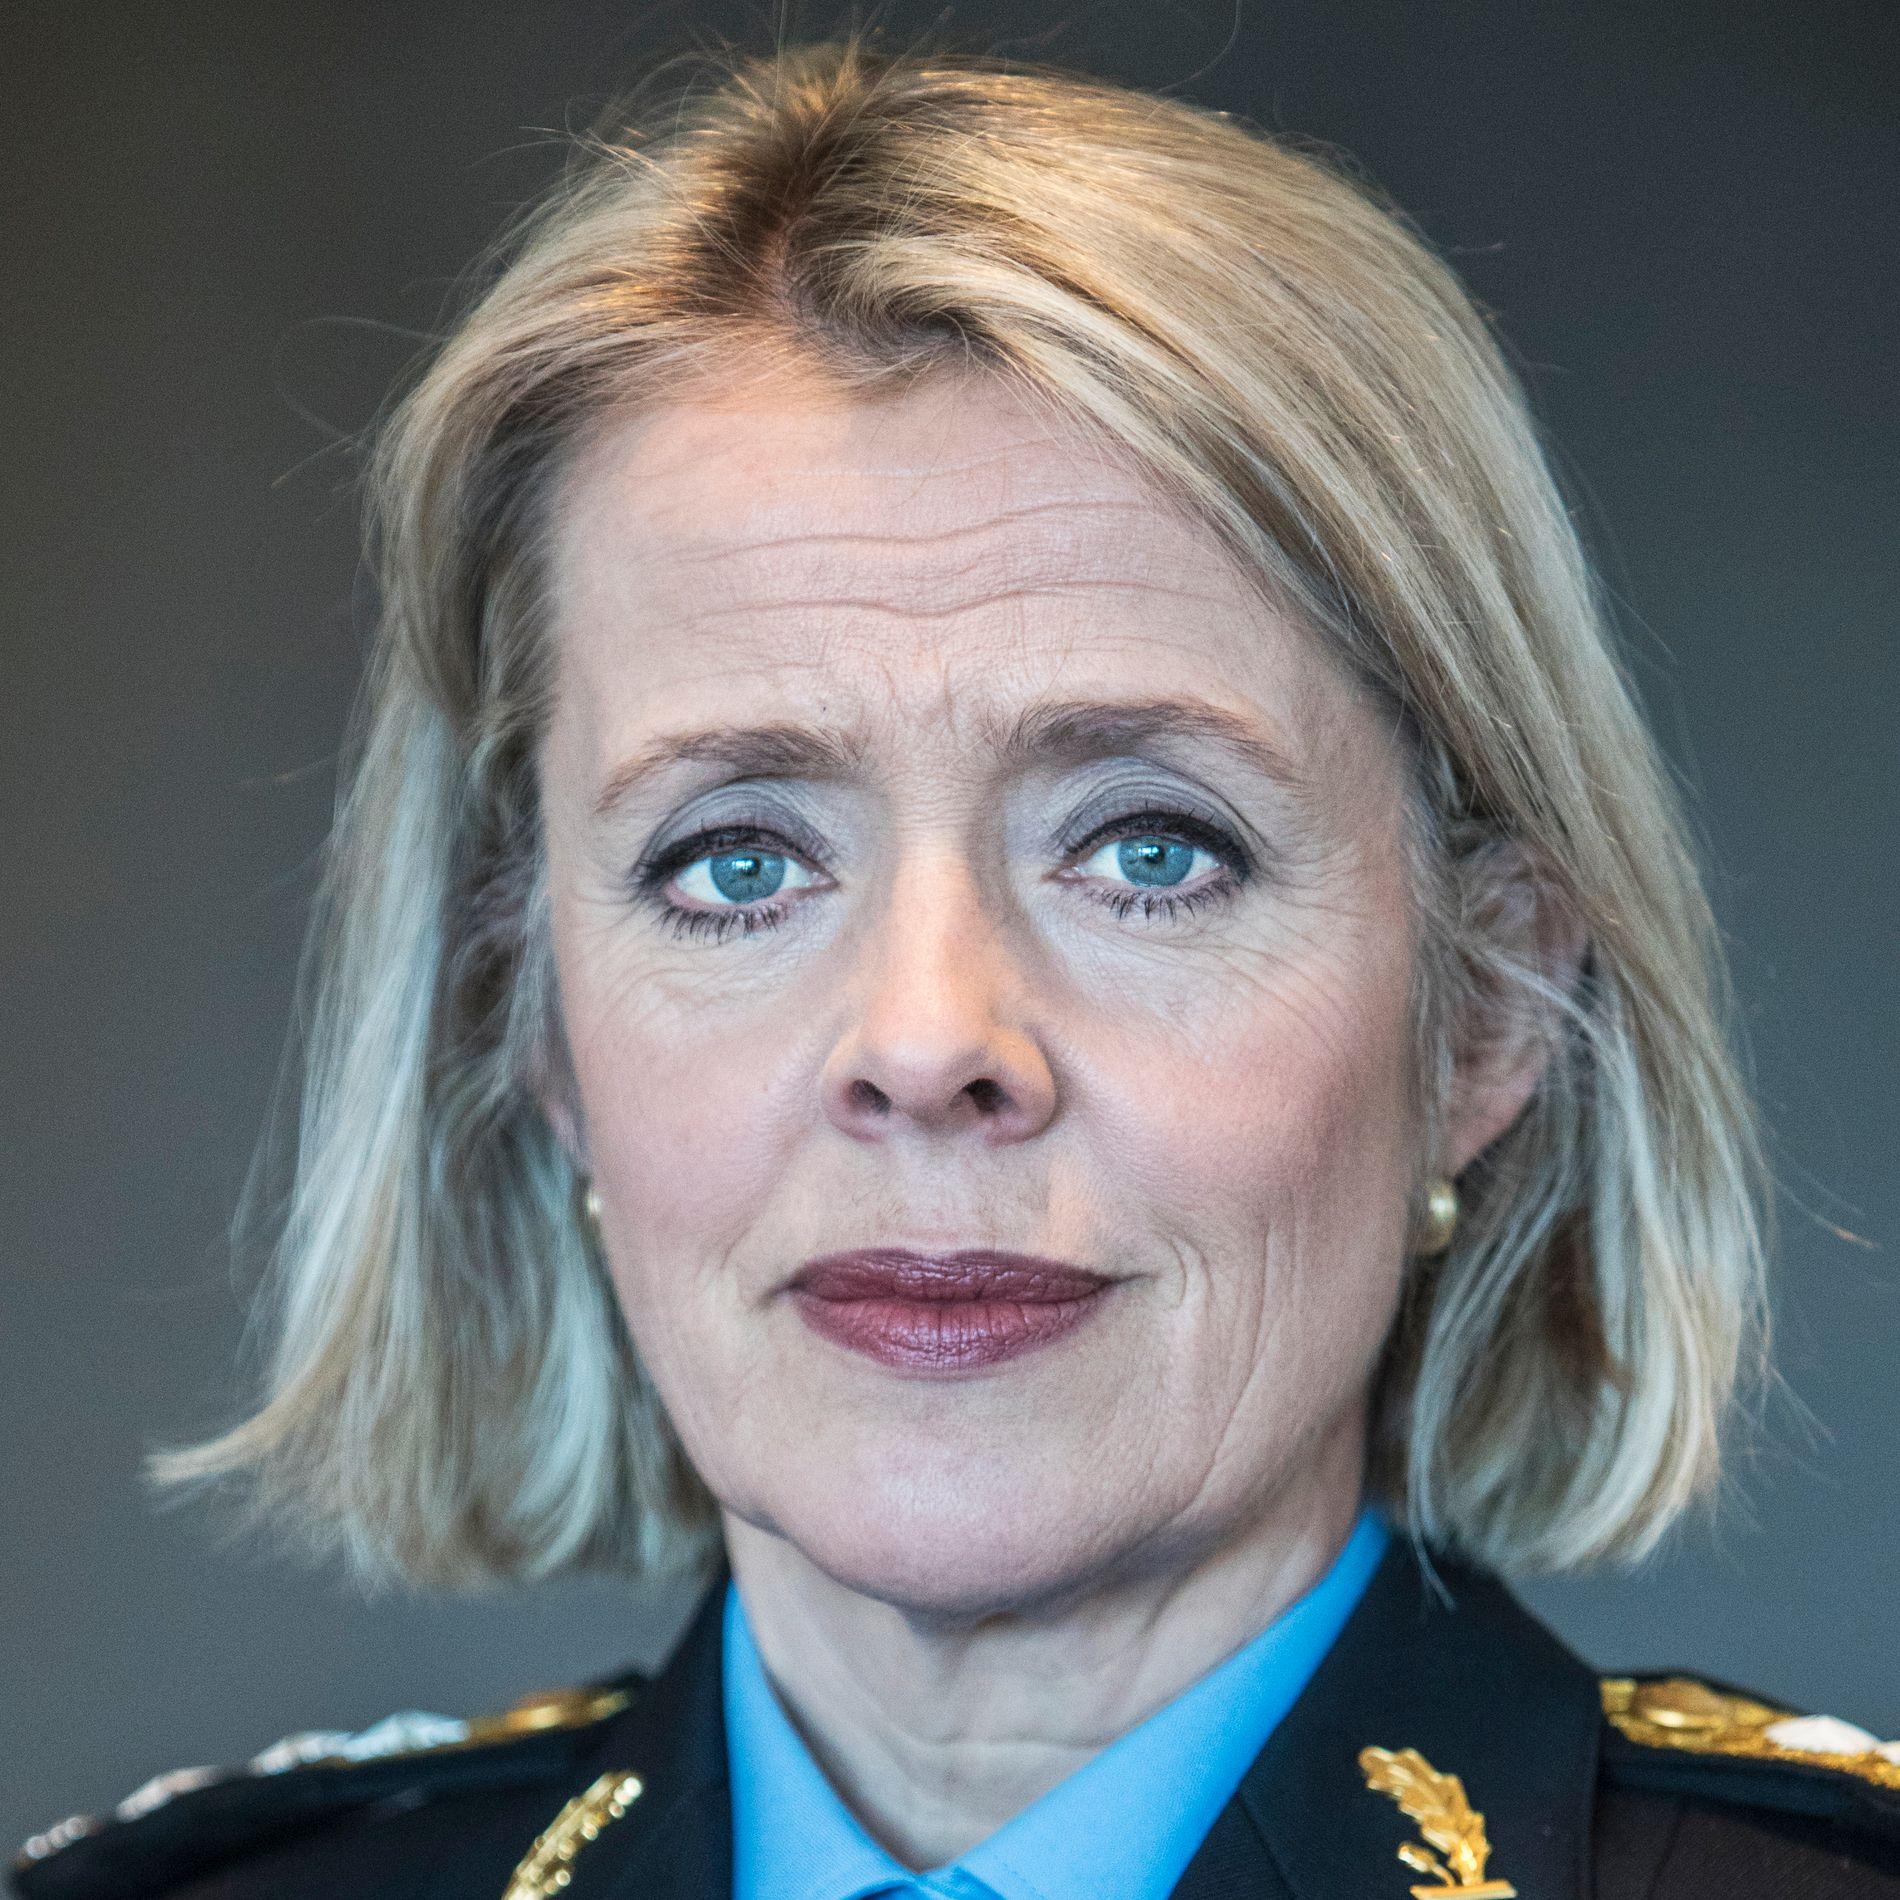 Benedicte Bjørnland